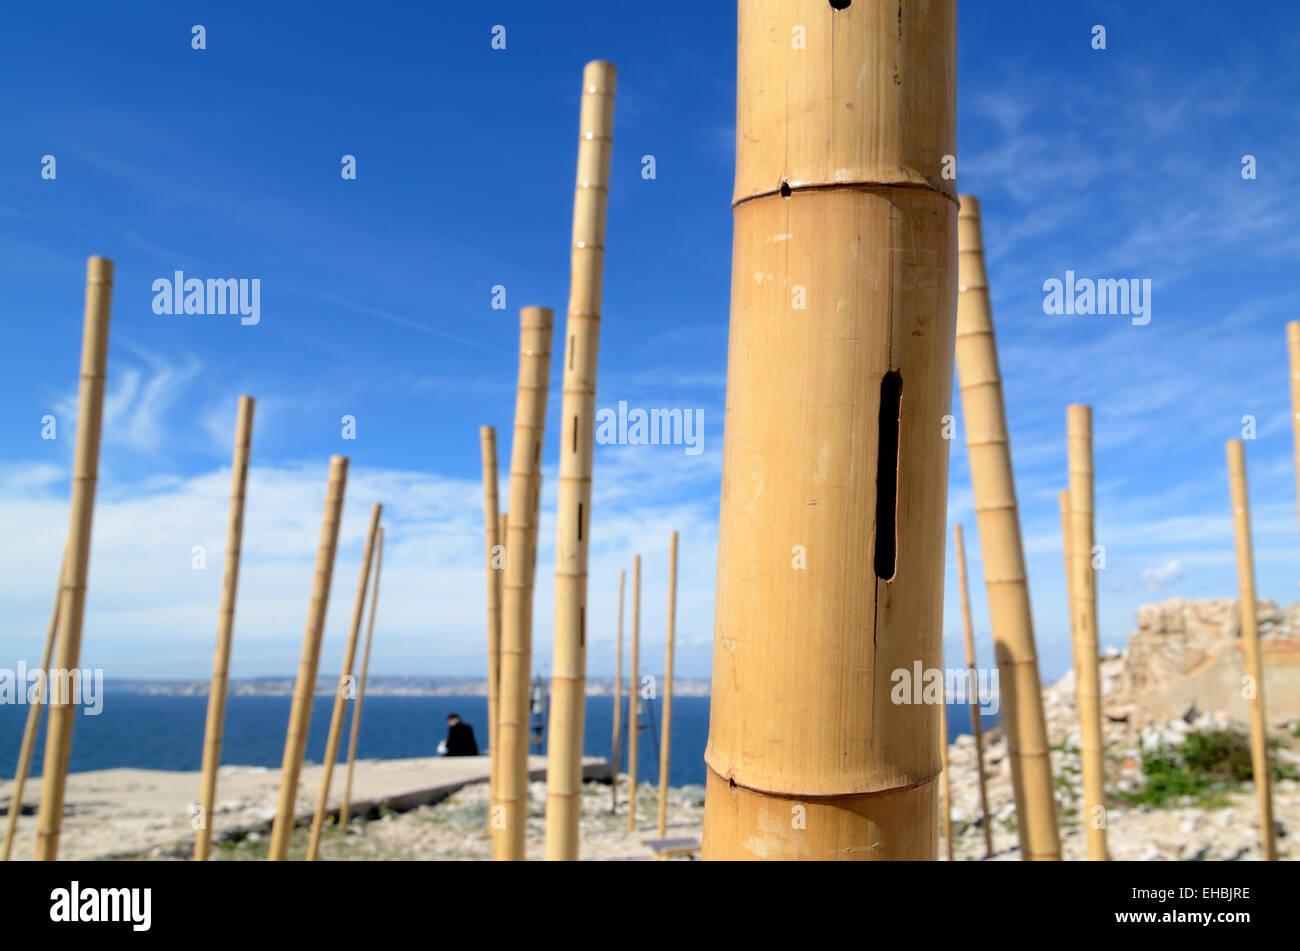 Strumento a fiato Musical poli di bambù o di arte musicale di installazione per catturare il suono del vento Immagini Stock